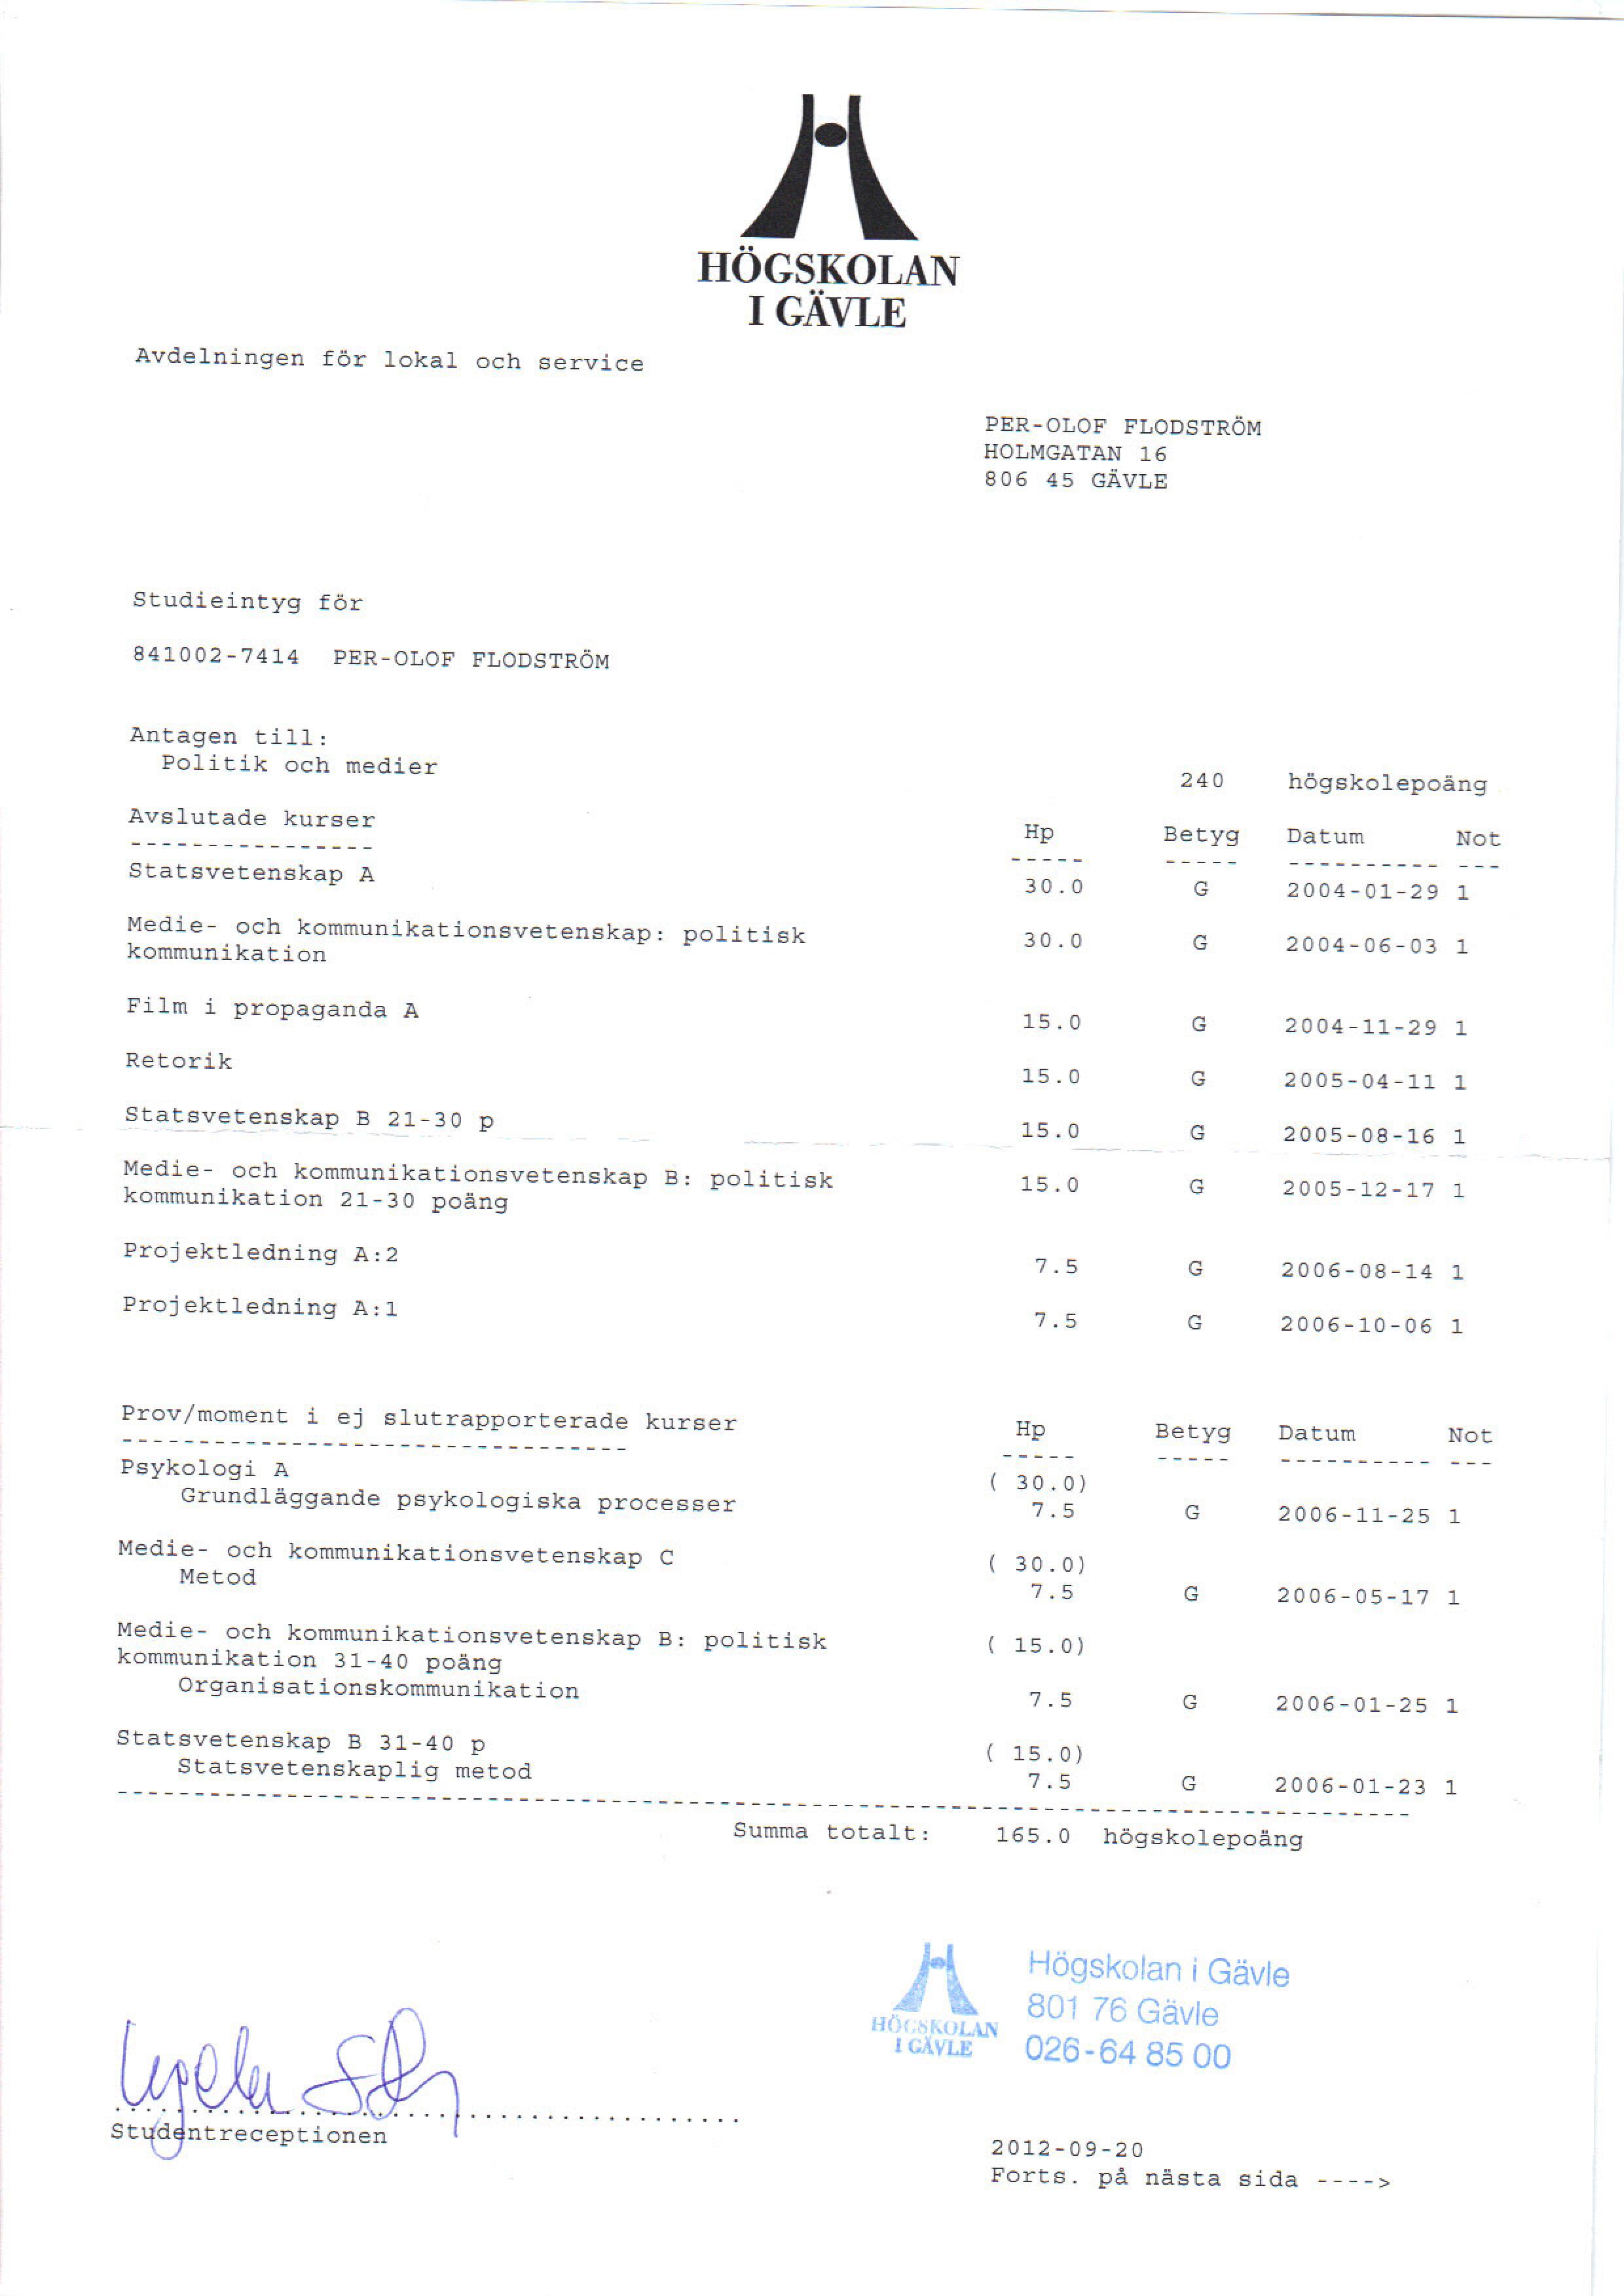 betyg-certifikat-och-komplett-meritlista-for-p-o-flodstrom-2016-page-005